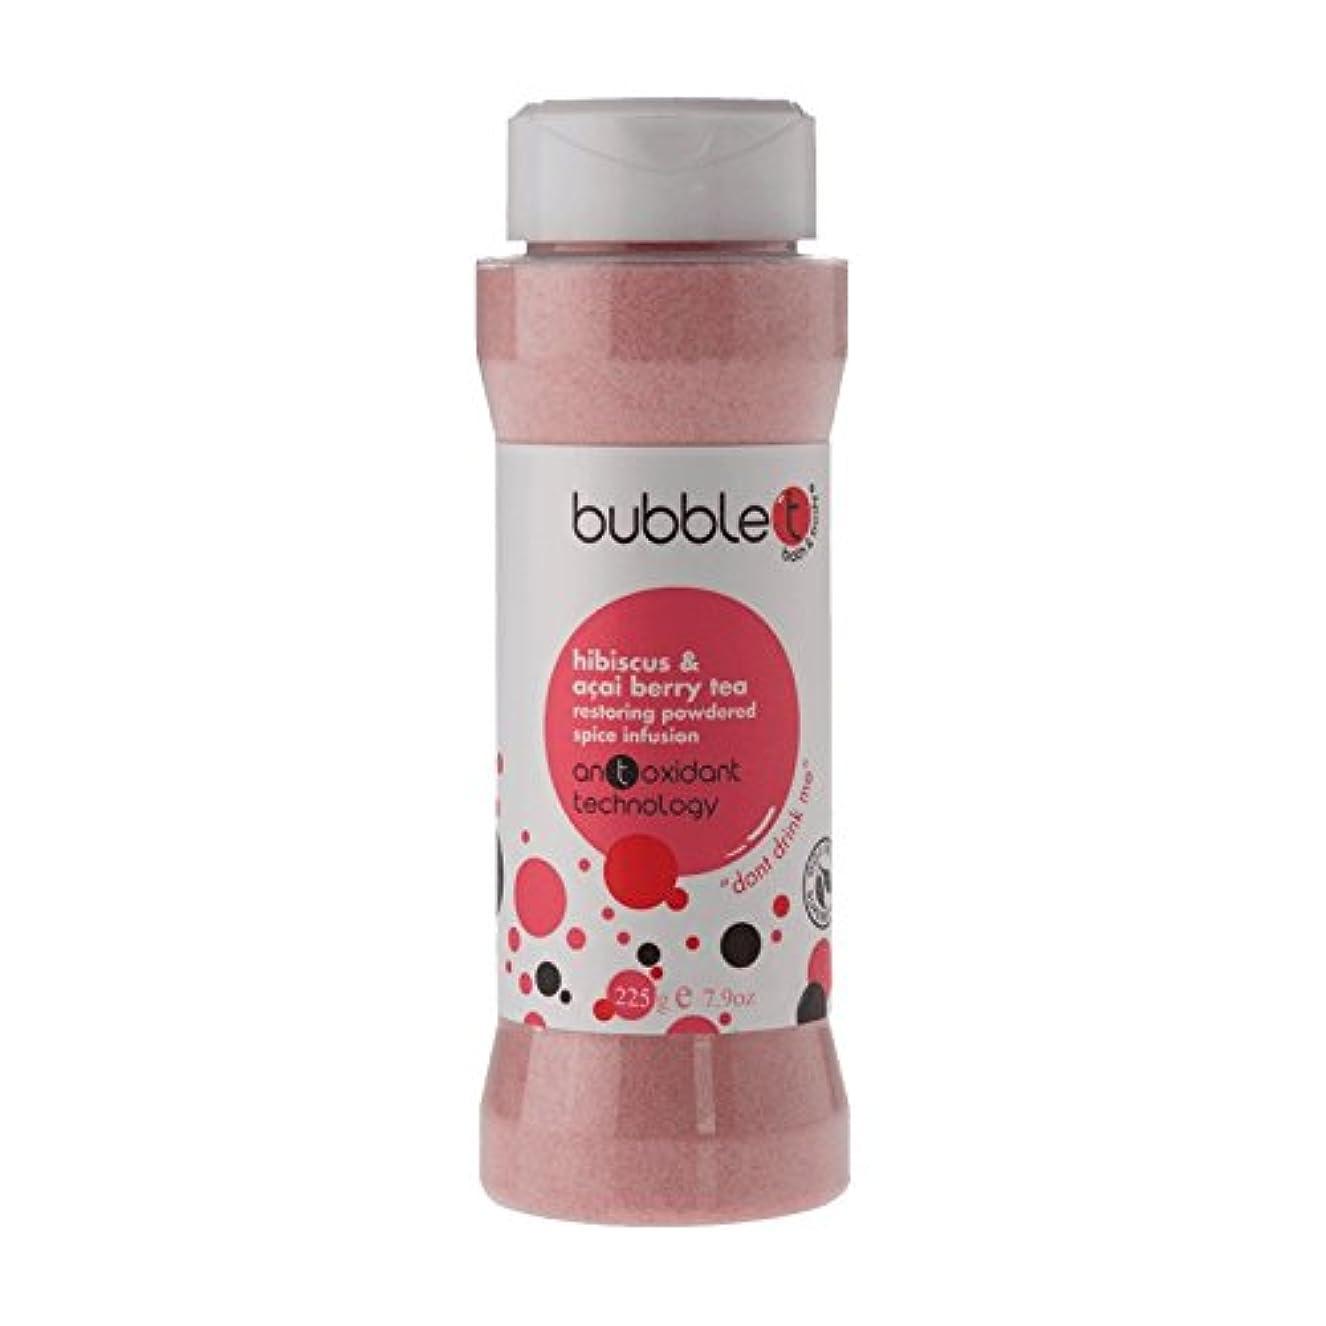 リンケージ勝者歴史的バブルトン風呂スパイス注入ハイビスカス&アサイベリー茶225グラム - Bubble T Bath Spice Infusion Hibiscus & Acai Berry Tea 225g (Bubble T) [並行輸入品]